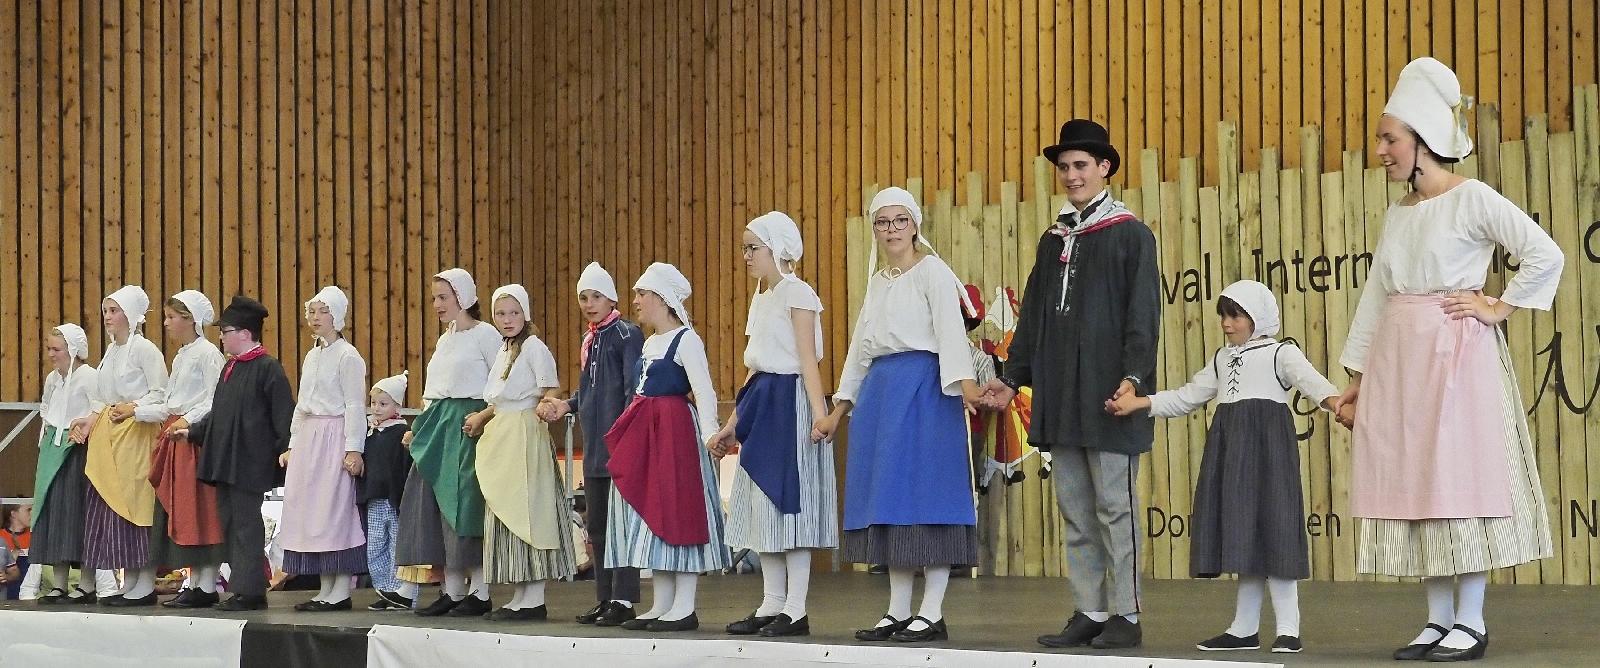 Les jeunes du Trou Normand